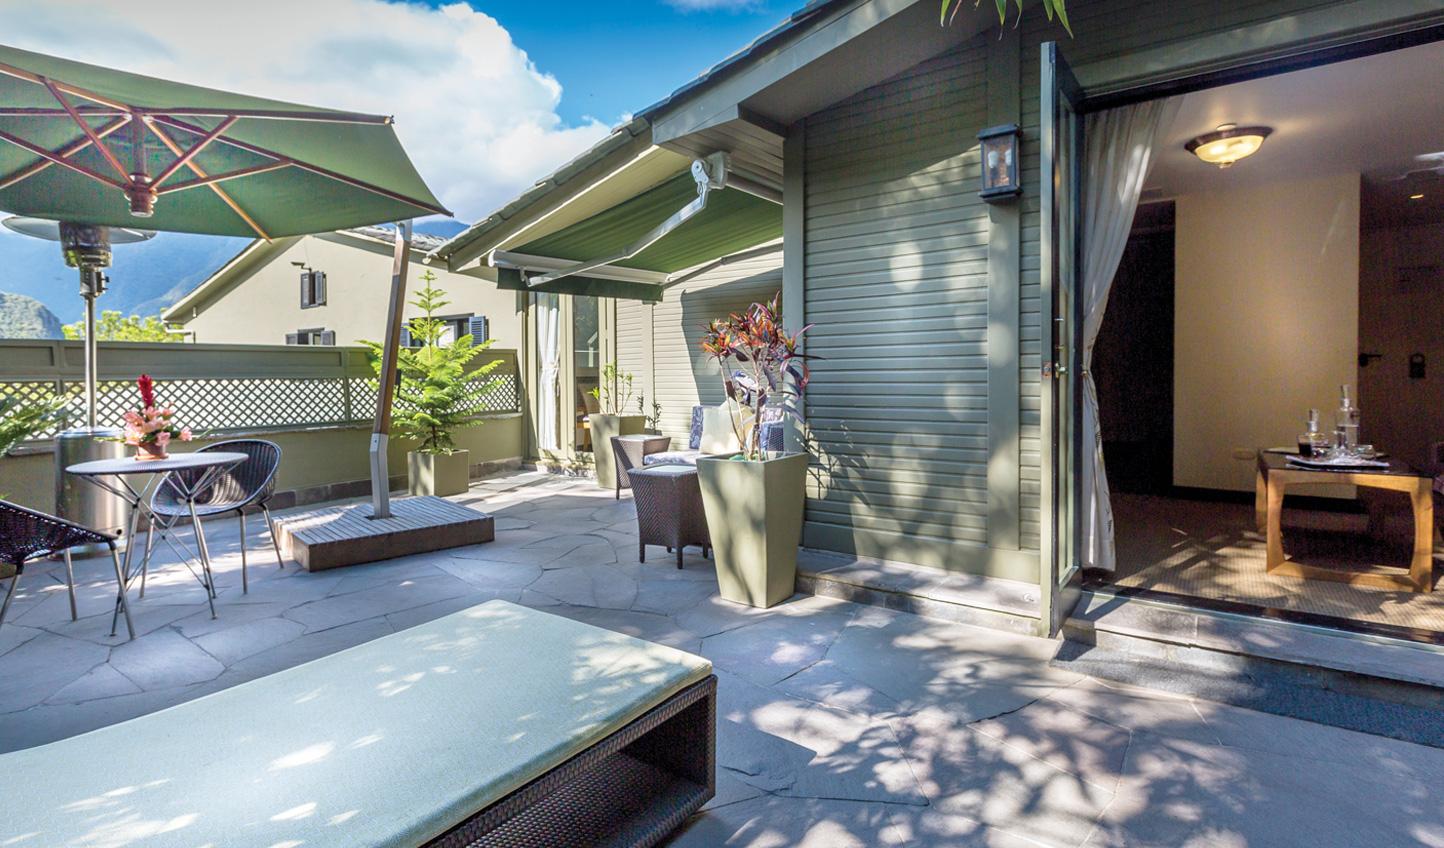 The Suite terrace